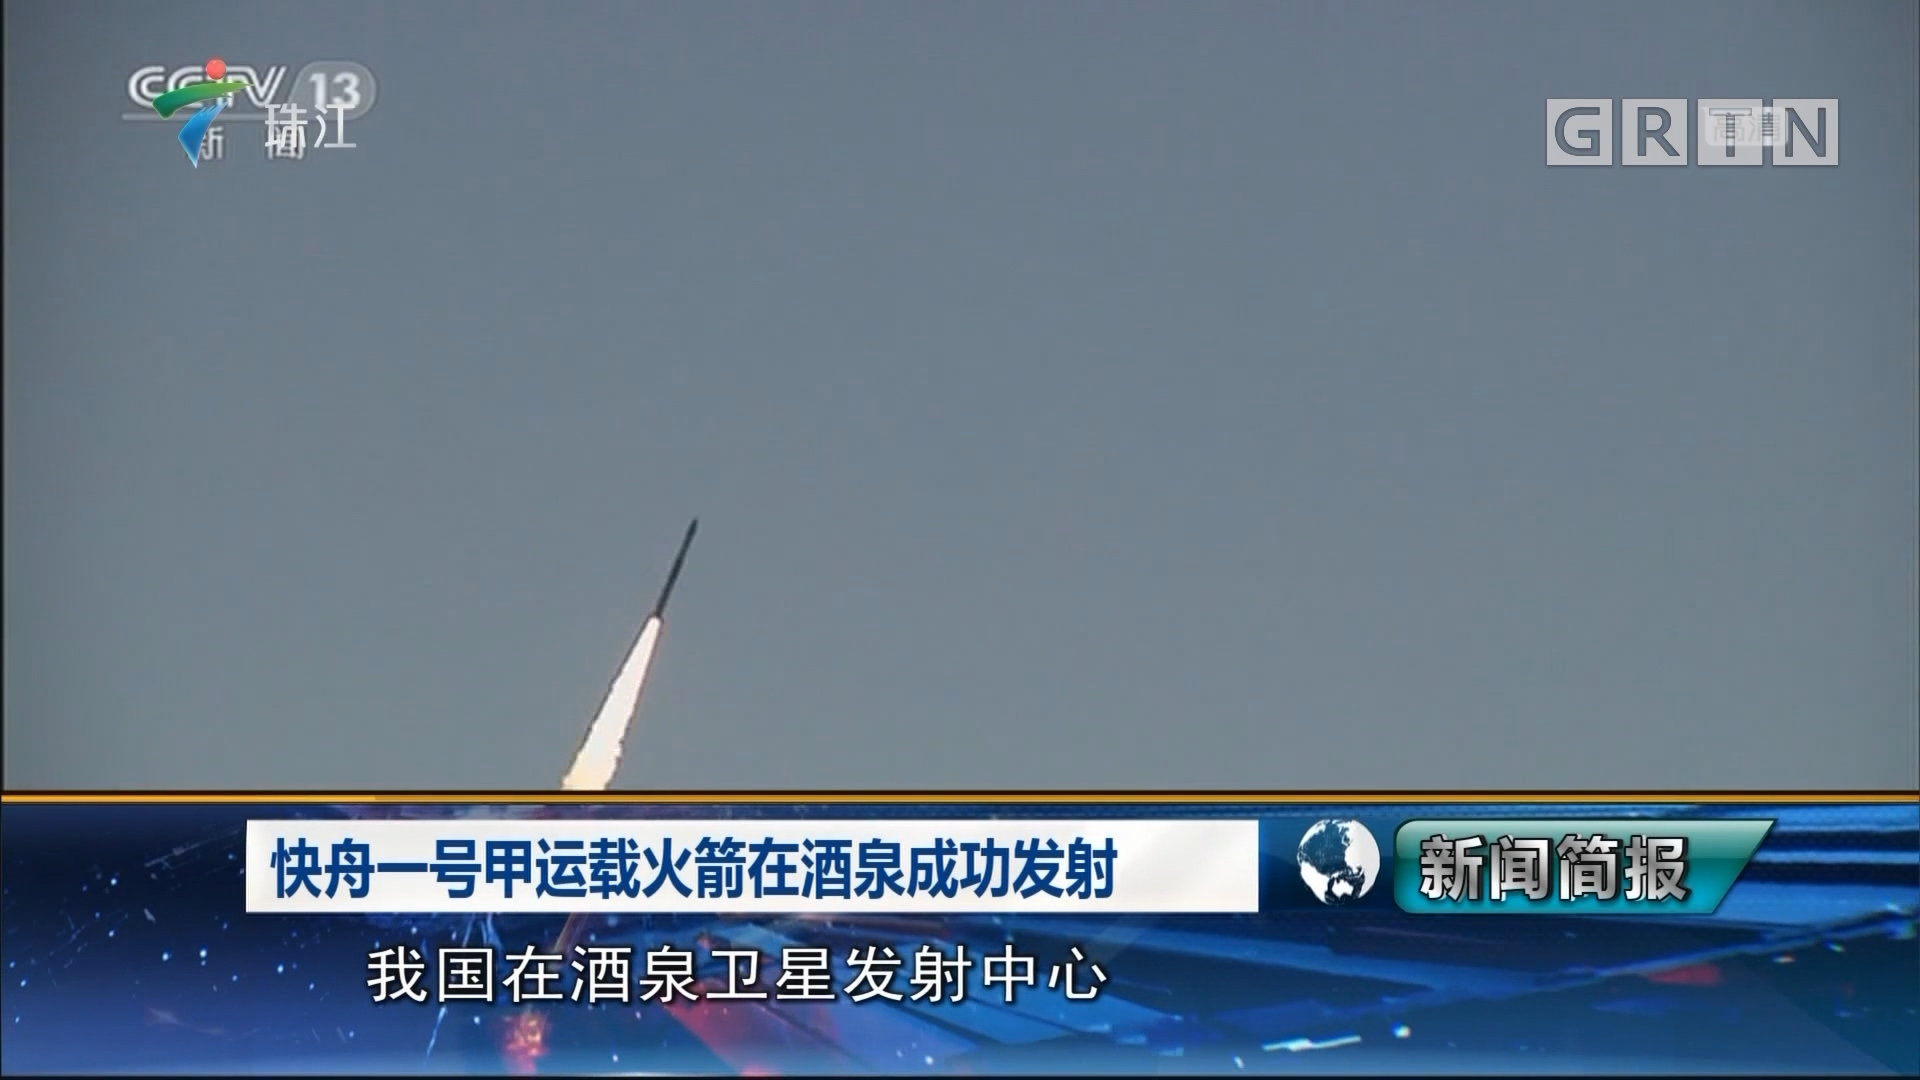 快舟一号甲运载火箭在酒泉成功发射